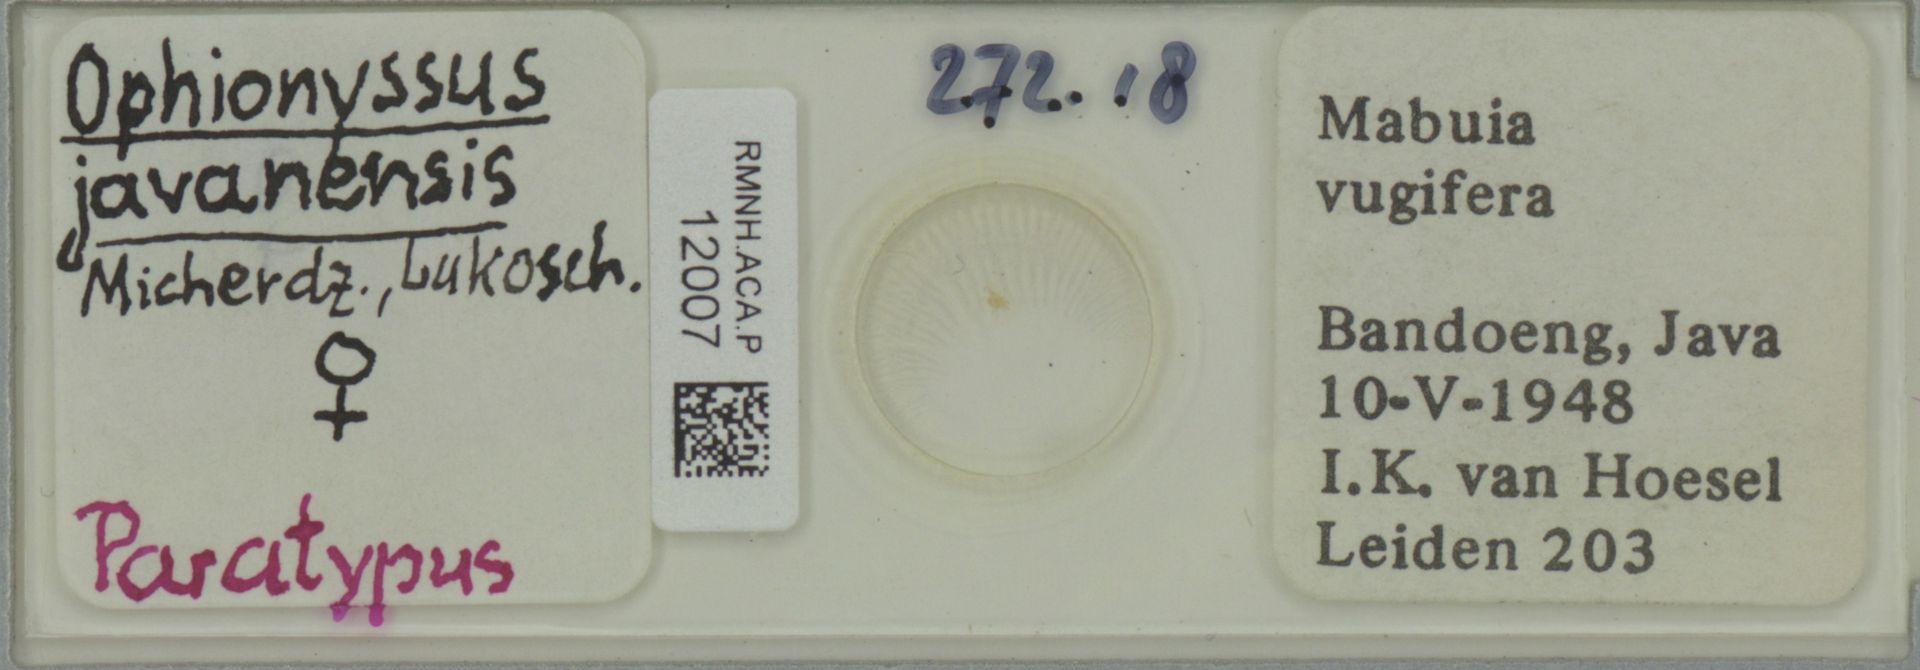 RMNH.ACA.P.12007   Ophionyssus javanensis Micherdz., Lukosch.